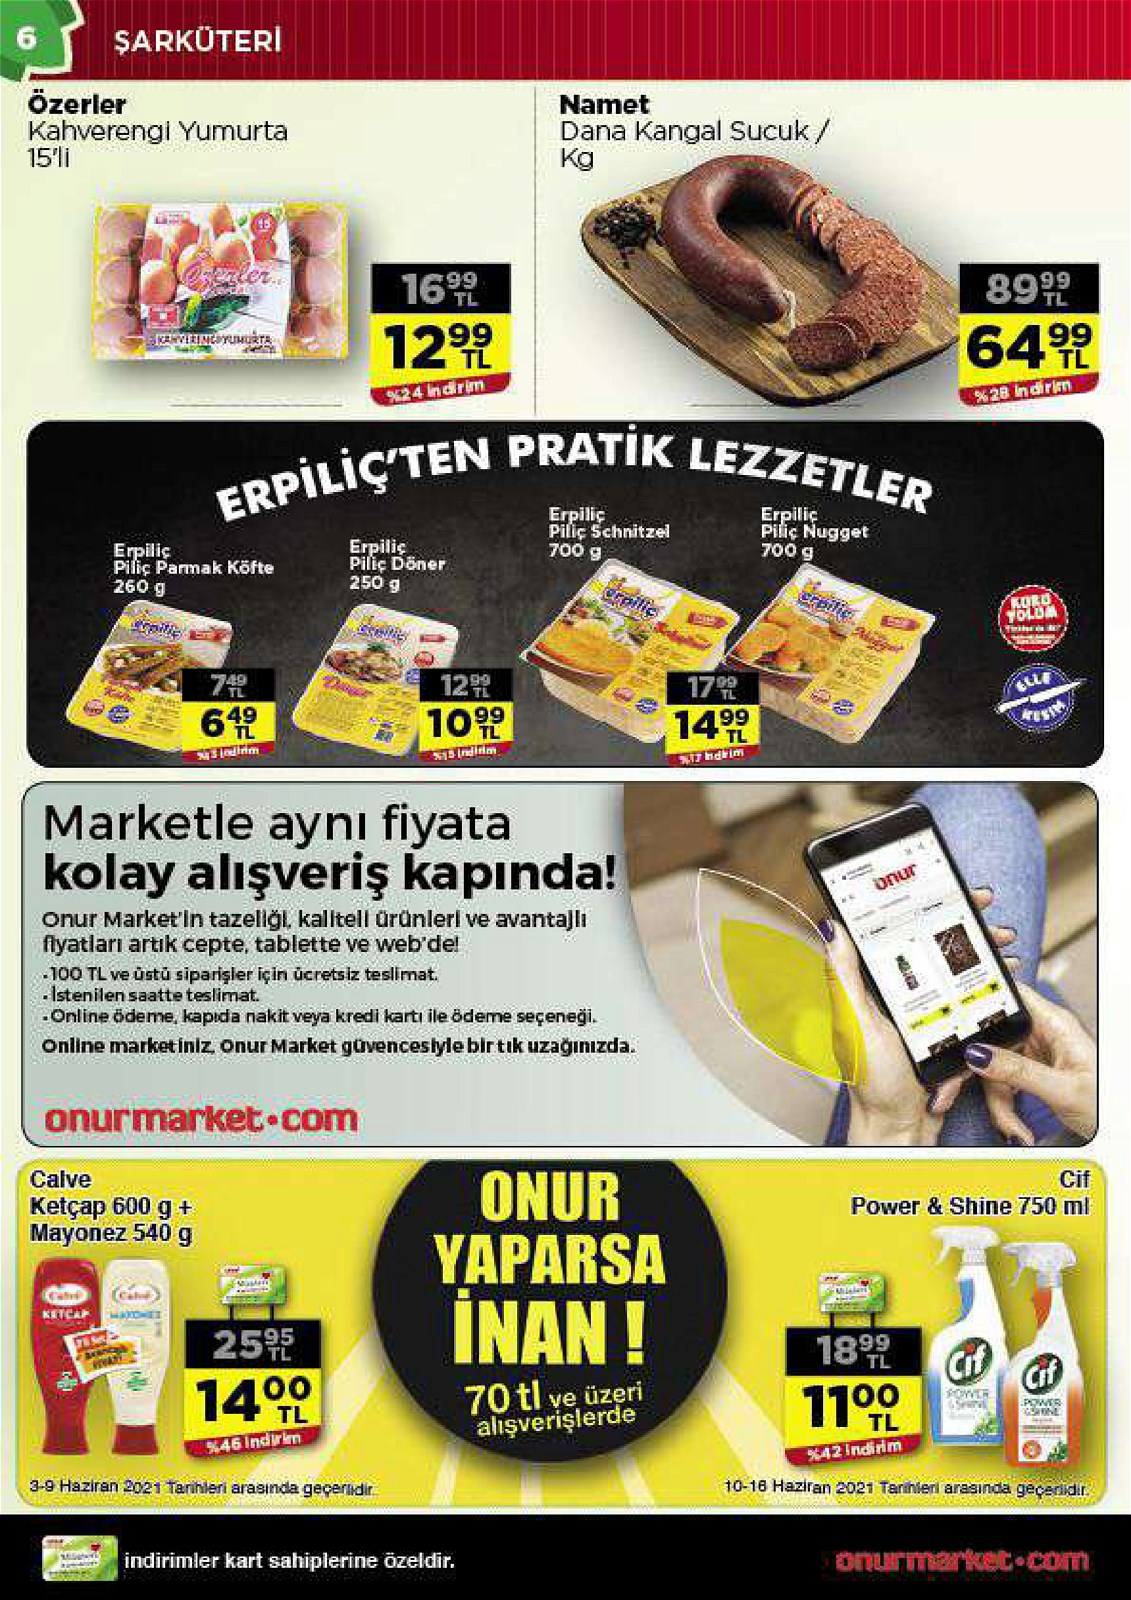 03.06.2021 Onur Market broşürü 6. sayfa